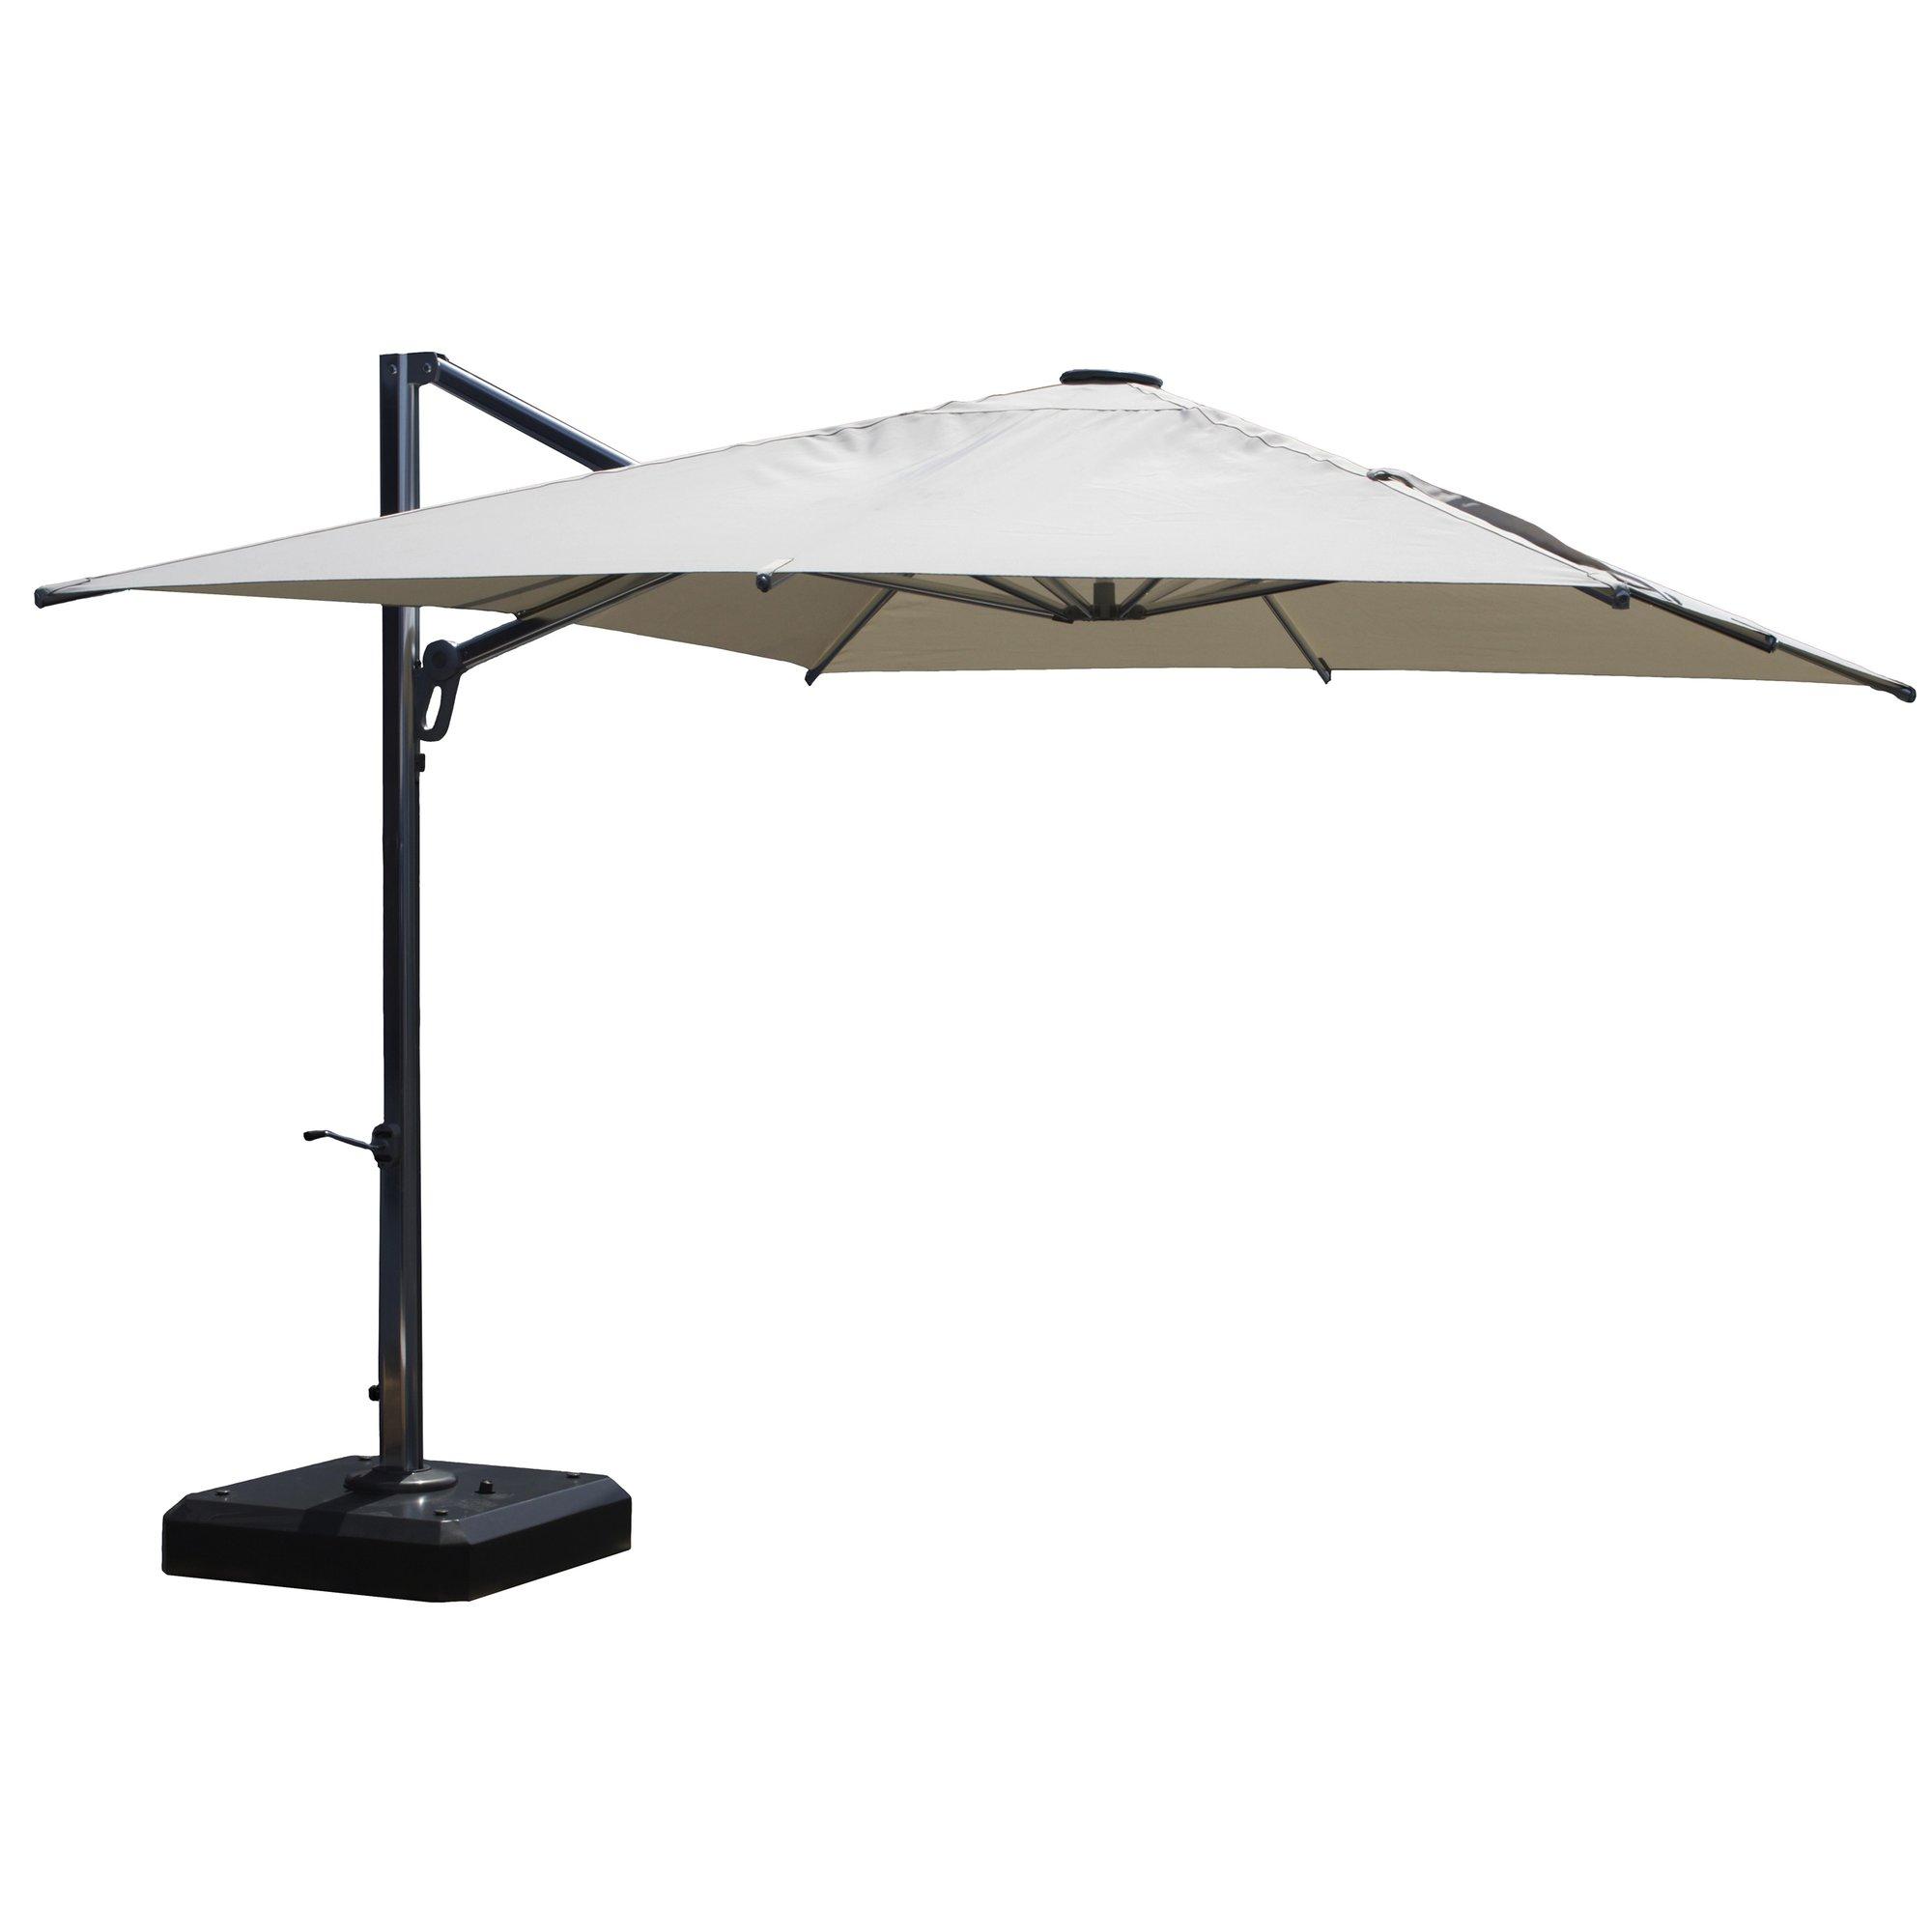 10u0027 square cantilever umbrella TCRWSNC